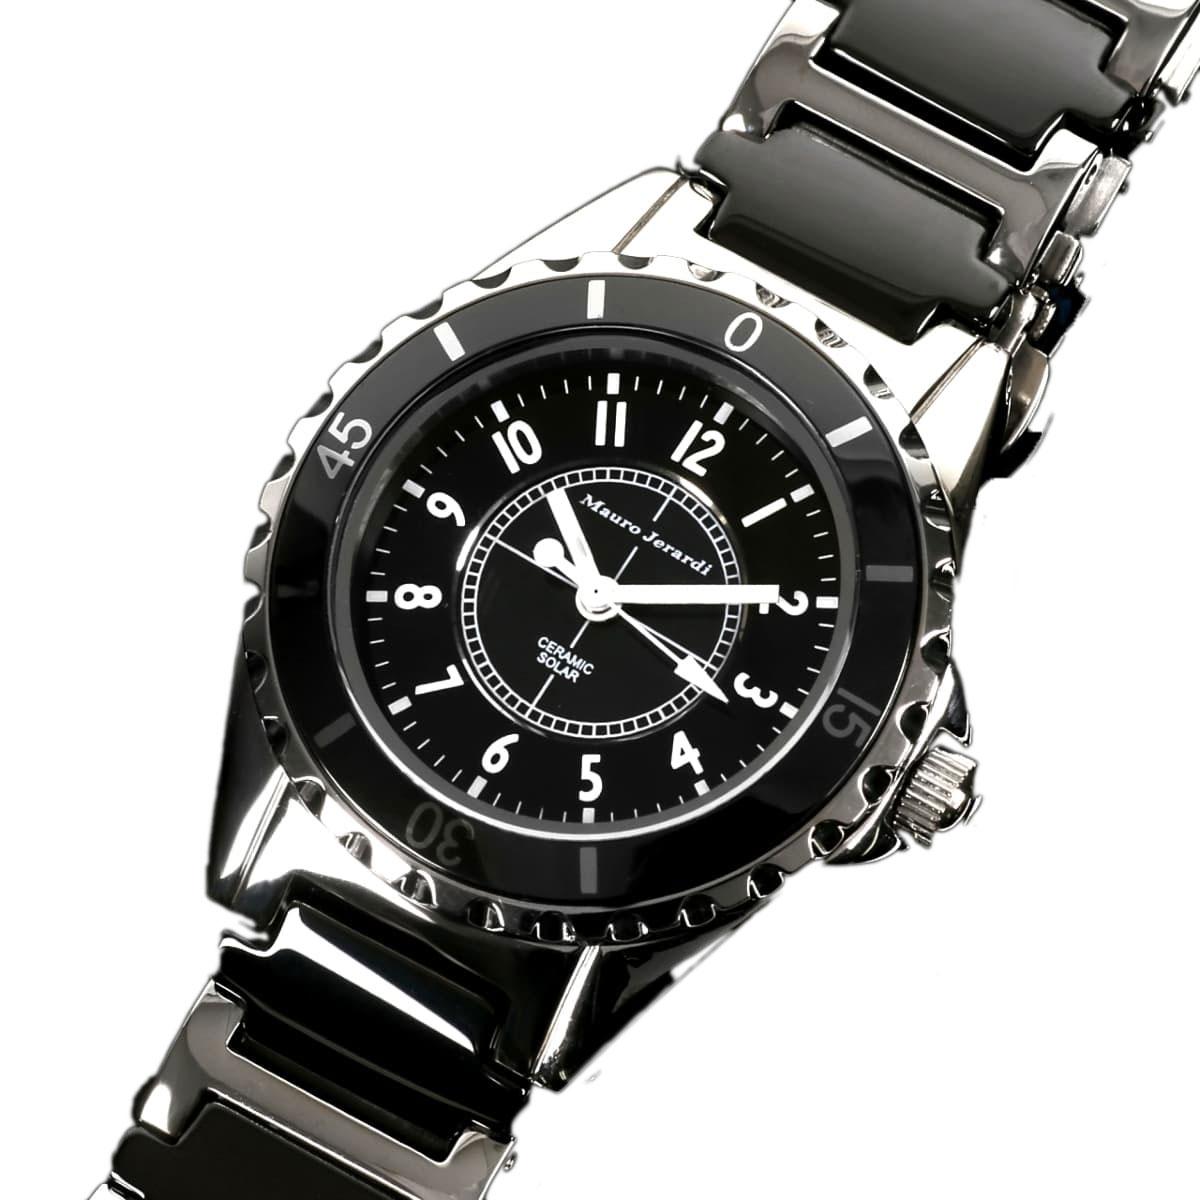 マウロジェラルディ 腕時計 レディース Mauro Jerardi ソーラー MJ042-1